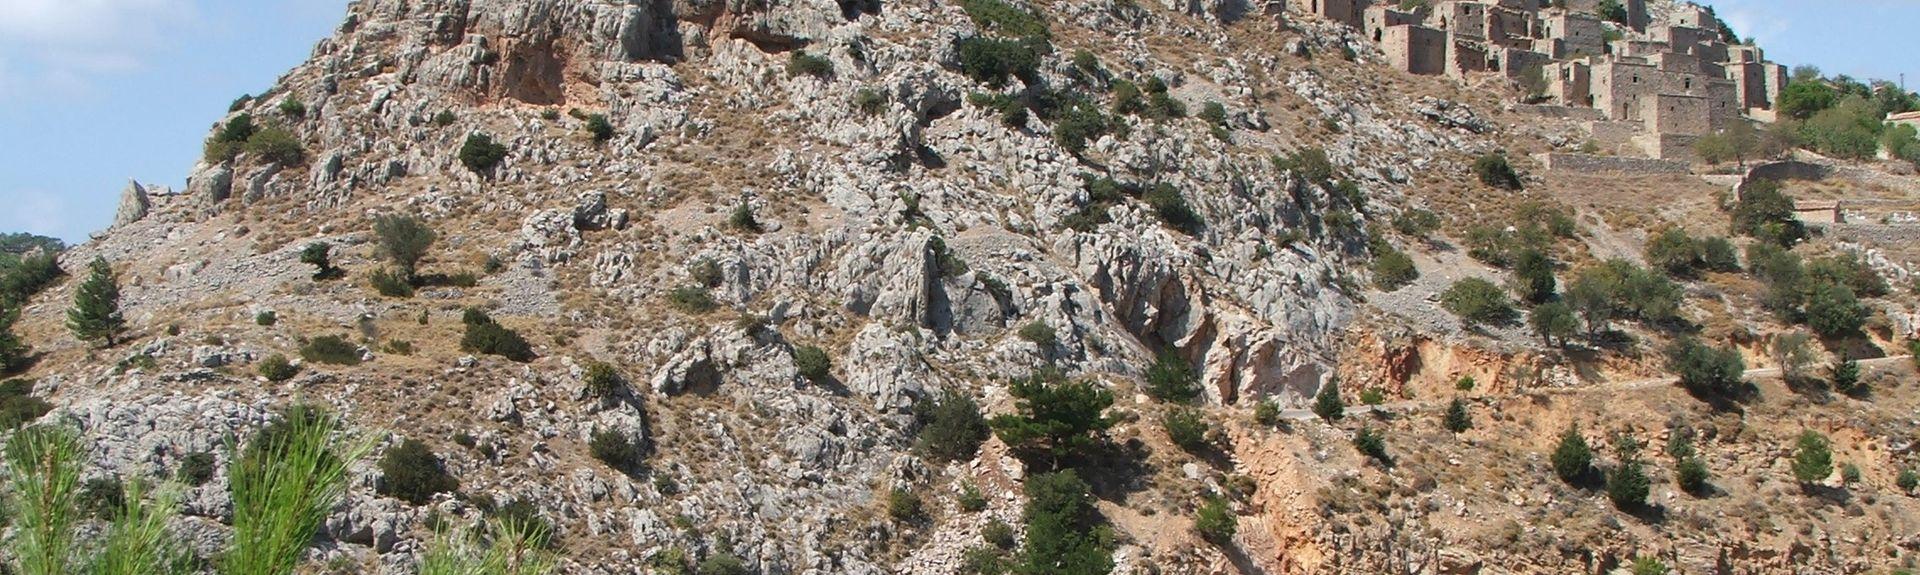 Kardamila, Greece